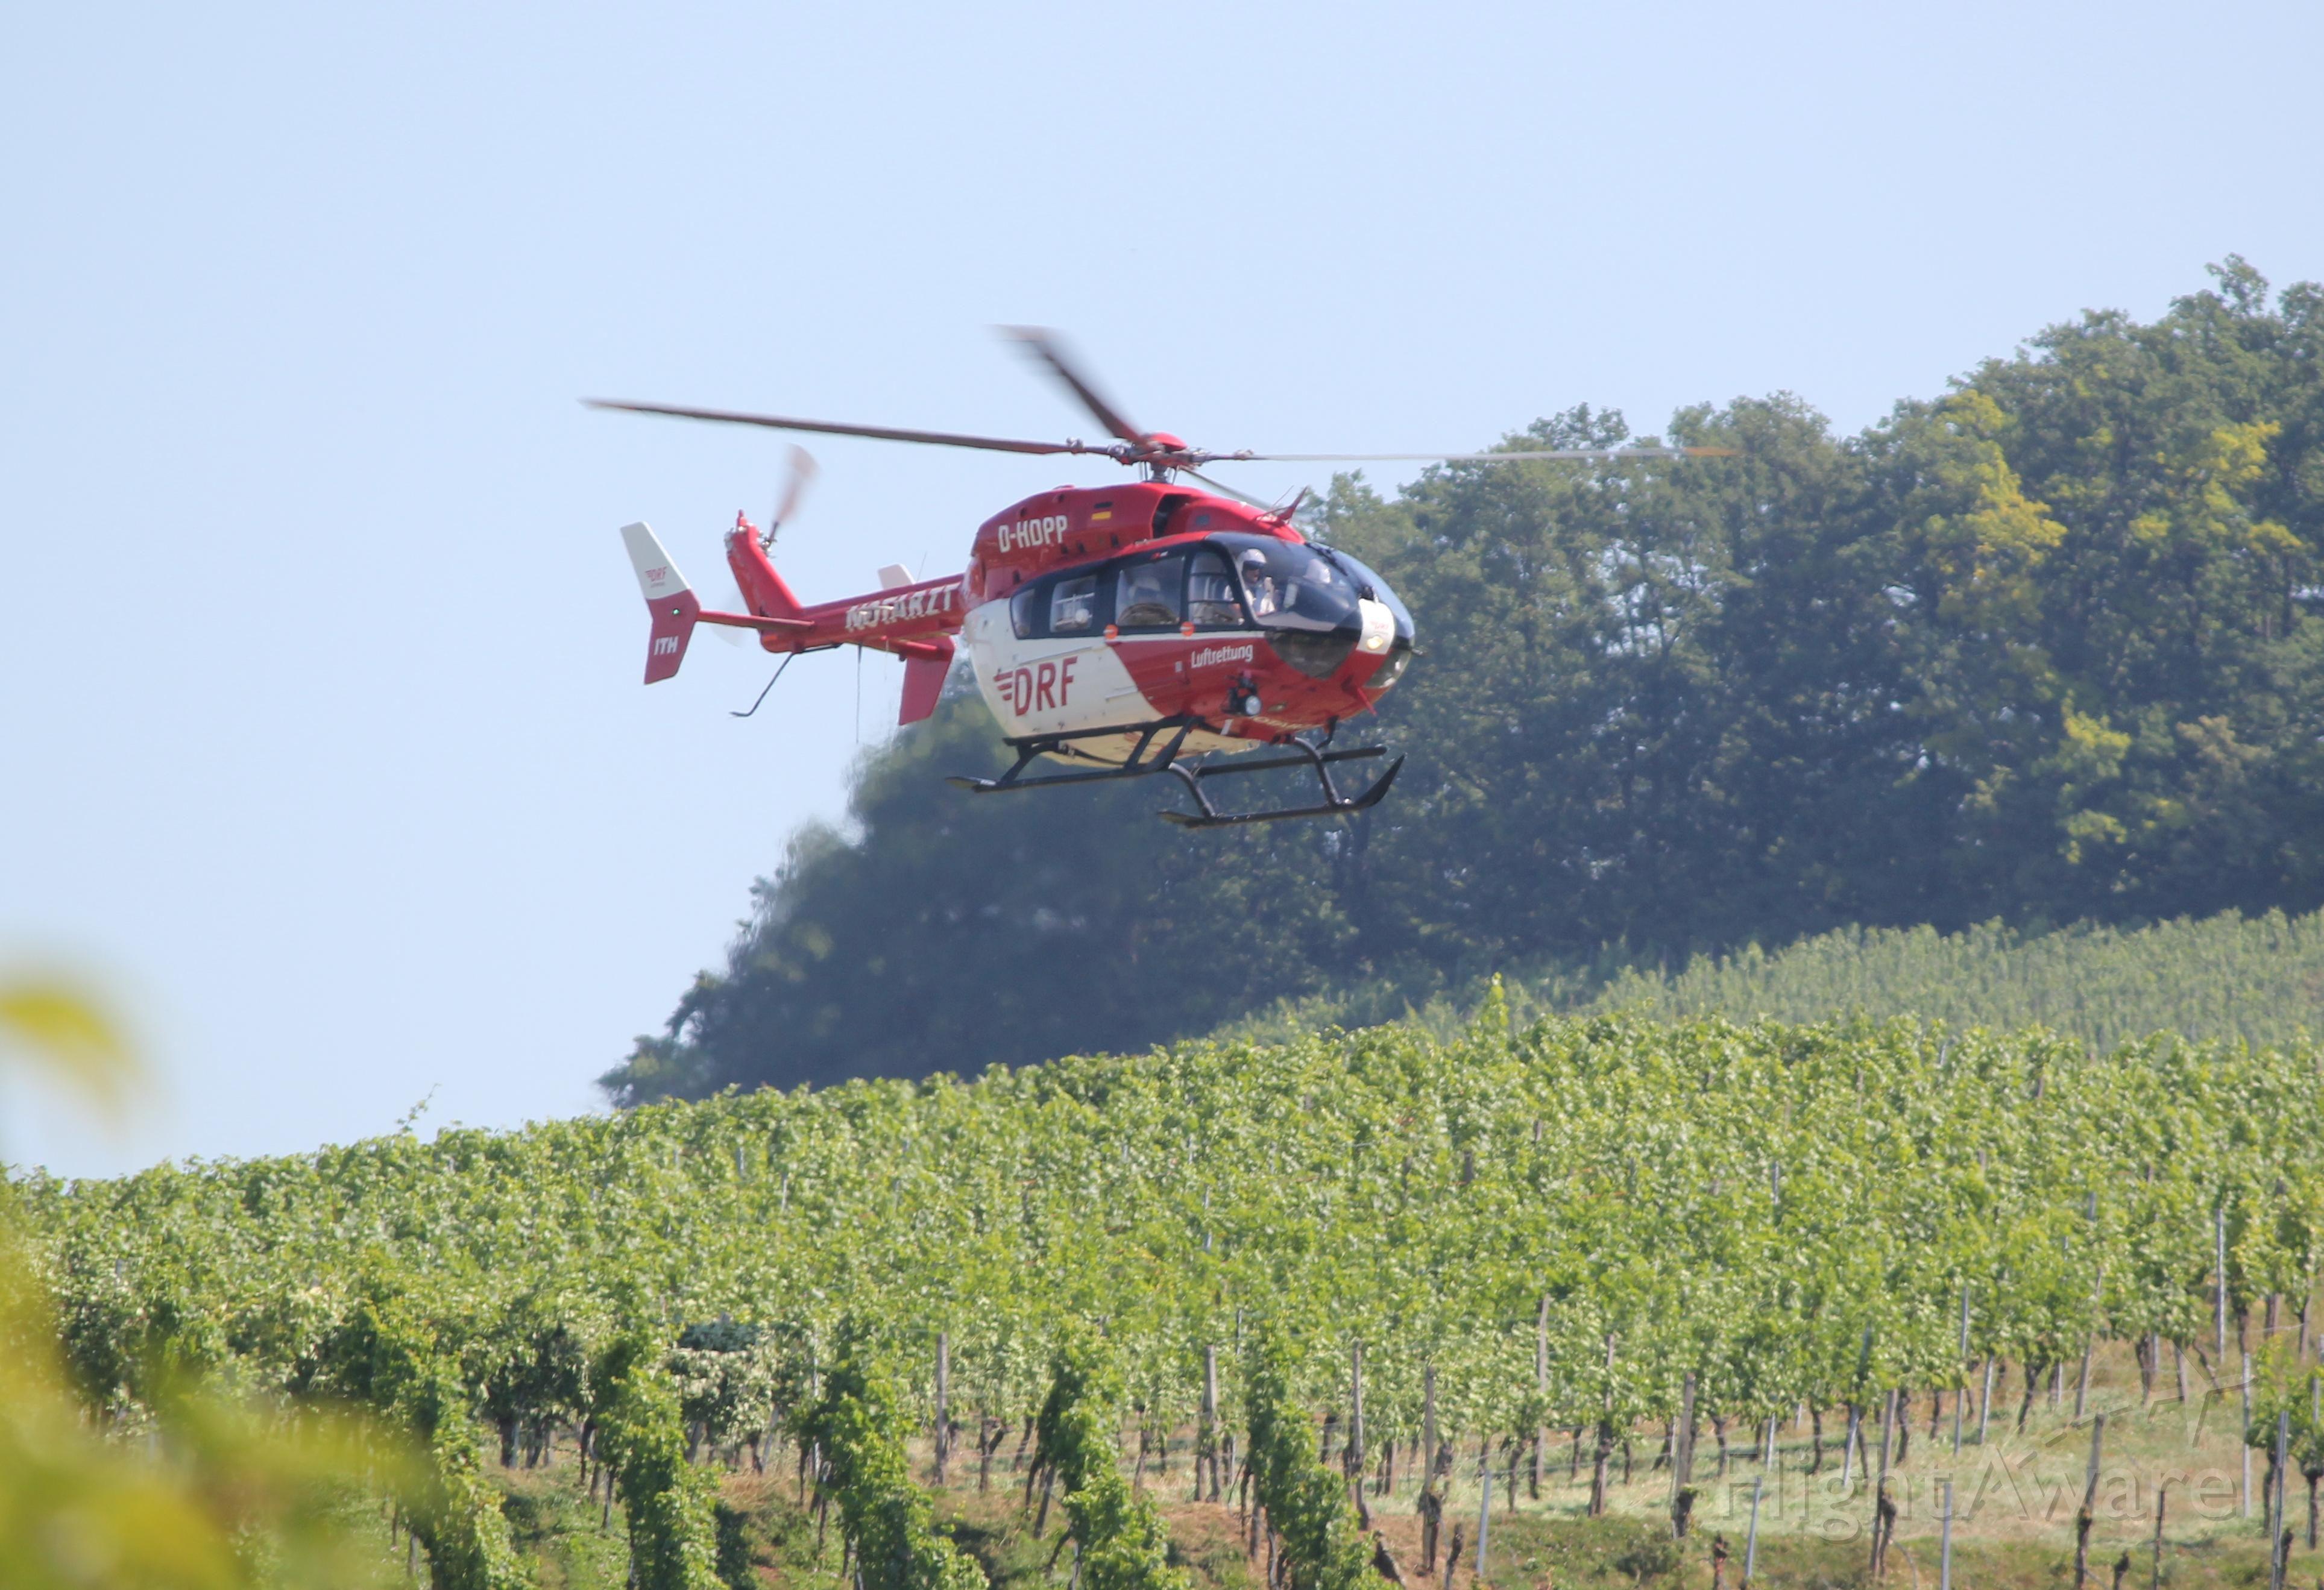 D-HDPP — - Rettungshubschraubereinsatz (Christopher 51, CHX51) am 30.06.2018 in den Weinbergen zwischen Kleinbottwar und Großbottwar.